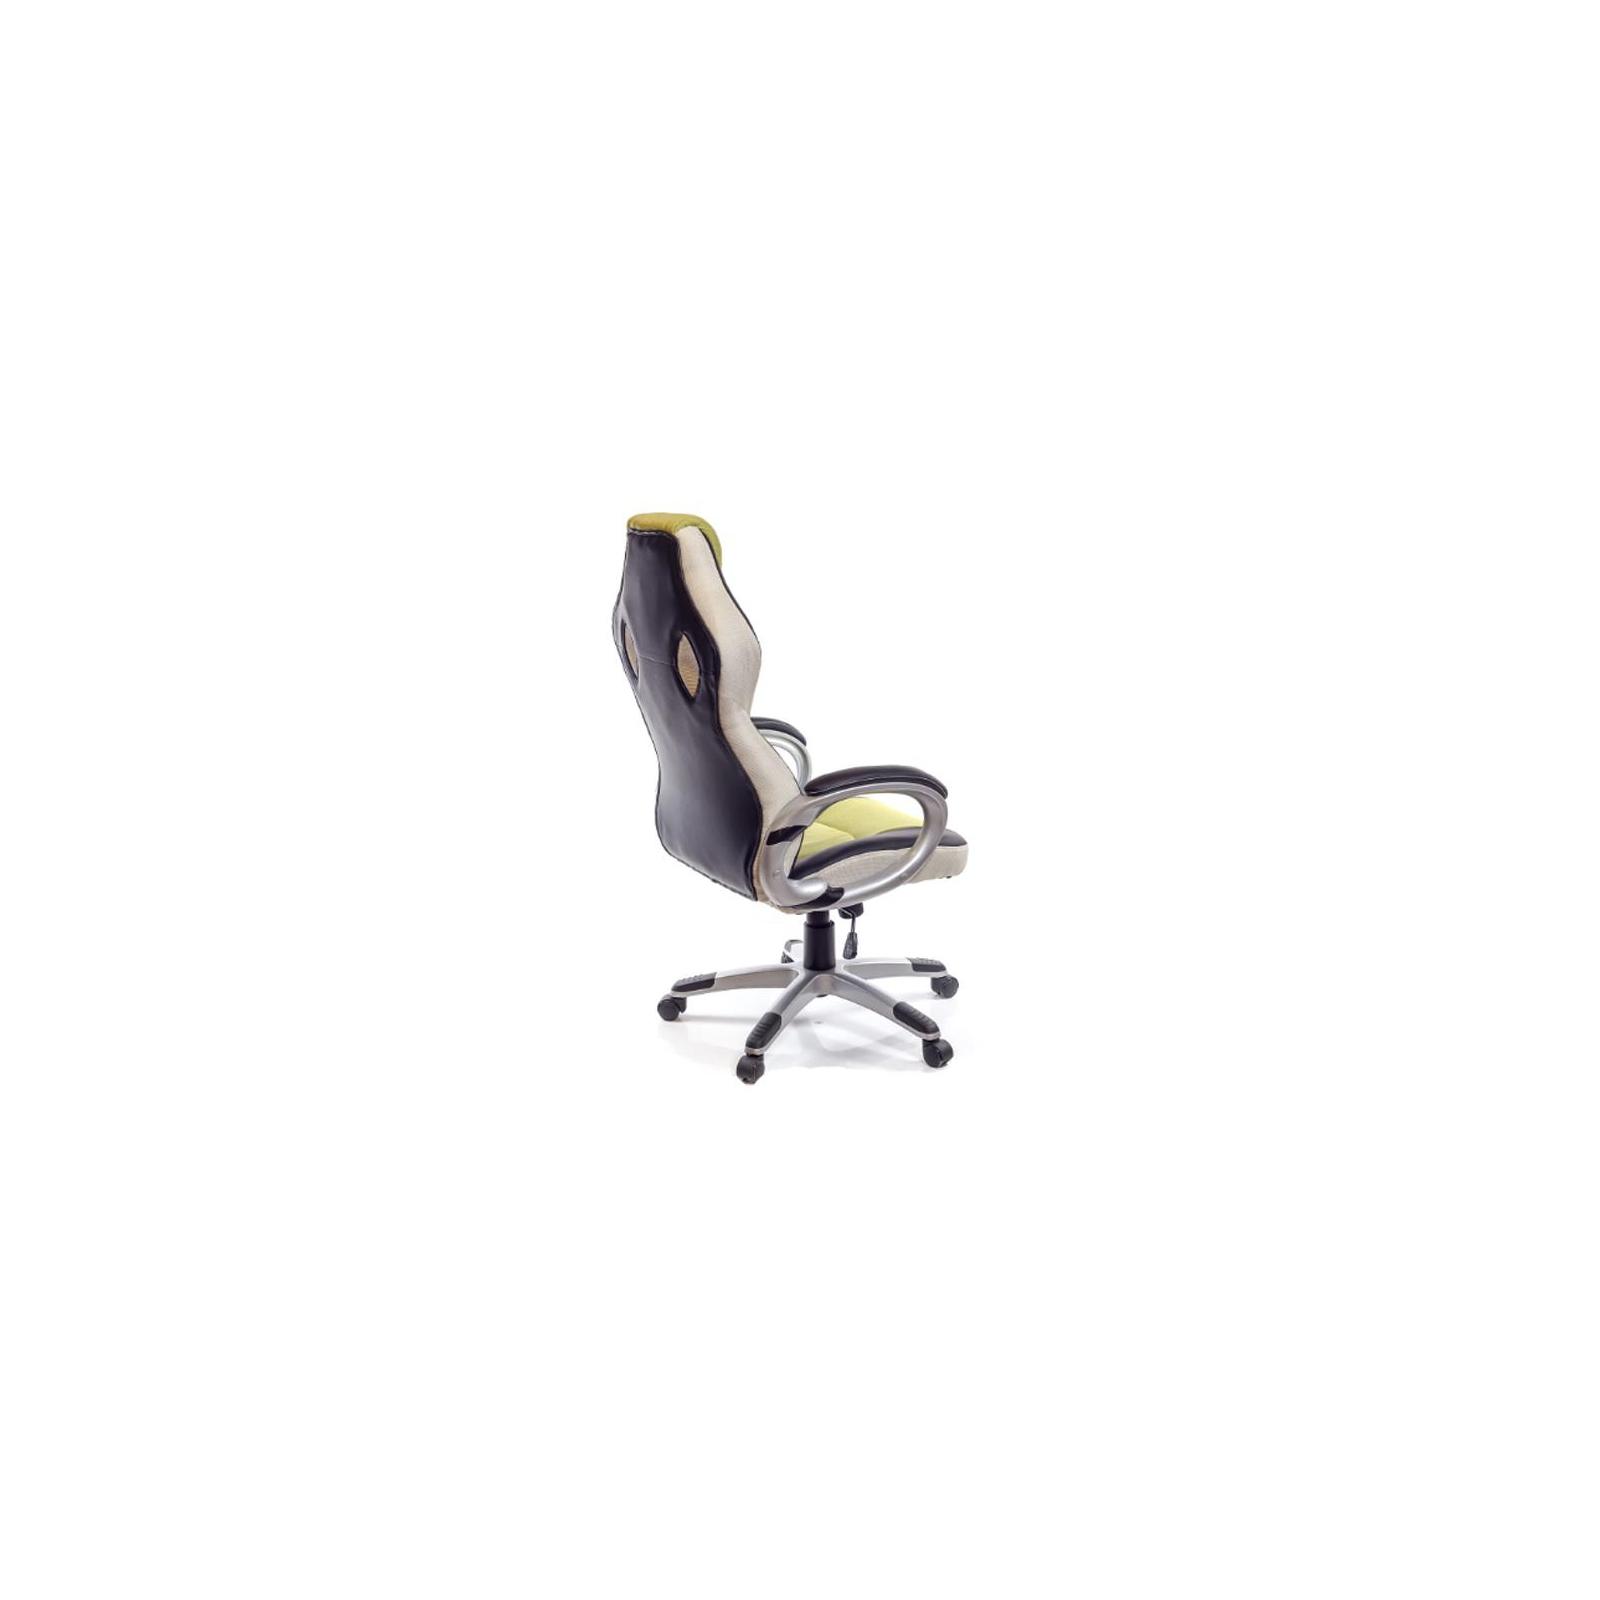 Кресло игровое АКЛАС Антарес PL TILT Салатовое (07348) изображение 5